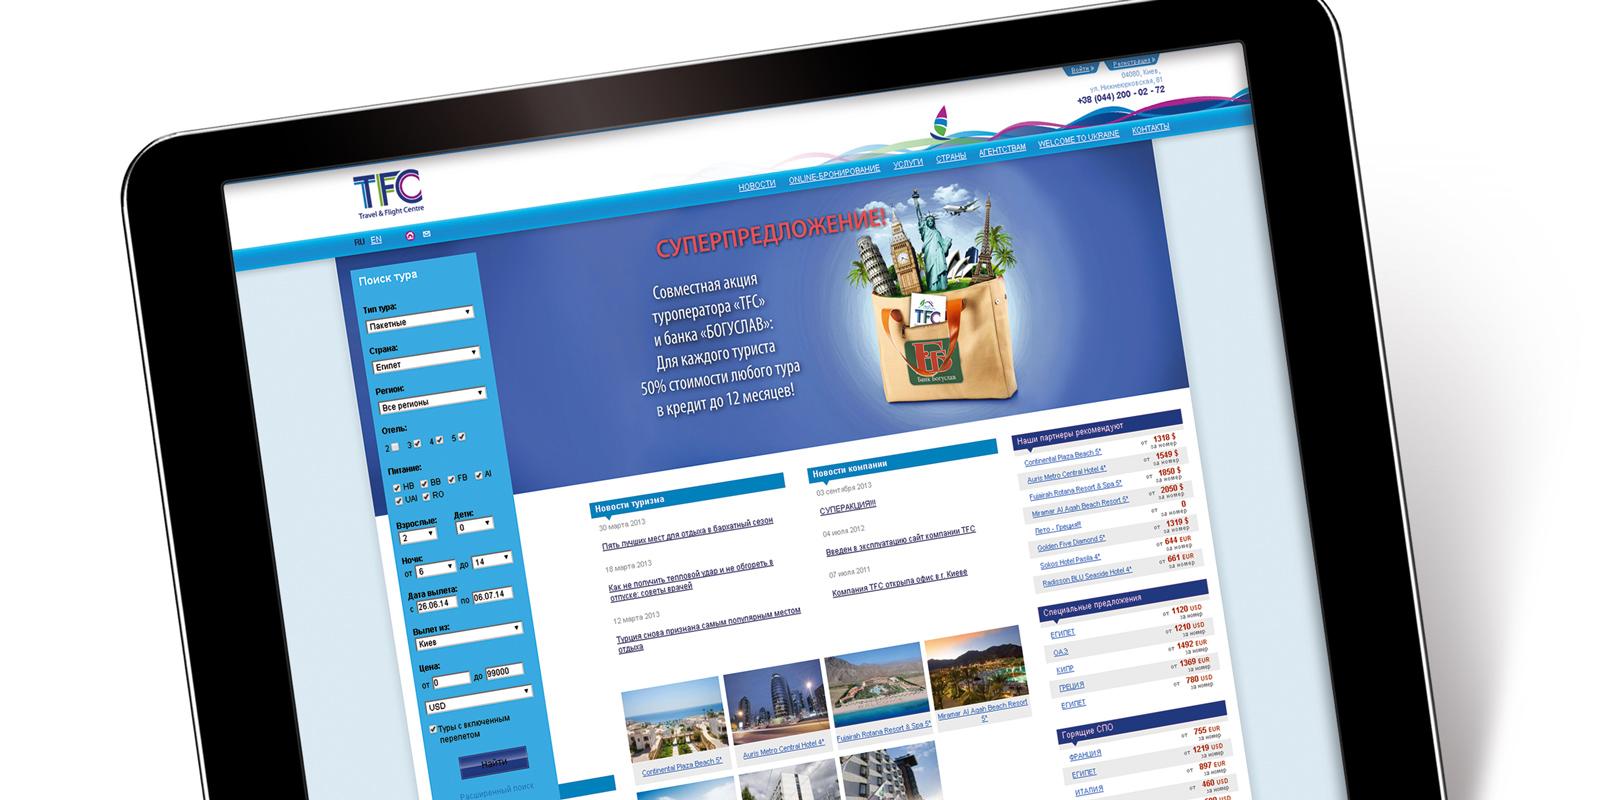 Туристический оператор Travel & Flight Centre;;;;;;Разработка сайта для компании TFC;;;;;;<span>Клиент:</span> Туристический оператор Travel & Flight Centre;;;;;;;;;;;;Разработка сайта для компании TFC;;;;;; 3 ;;;;;;tfc.ua